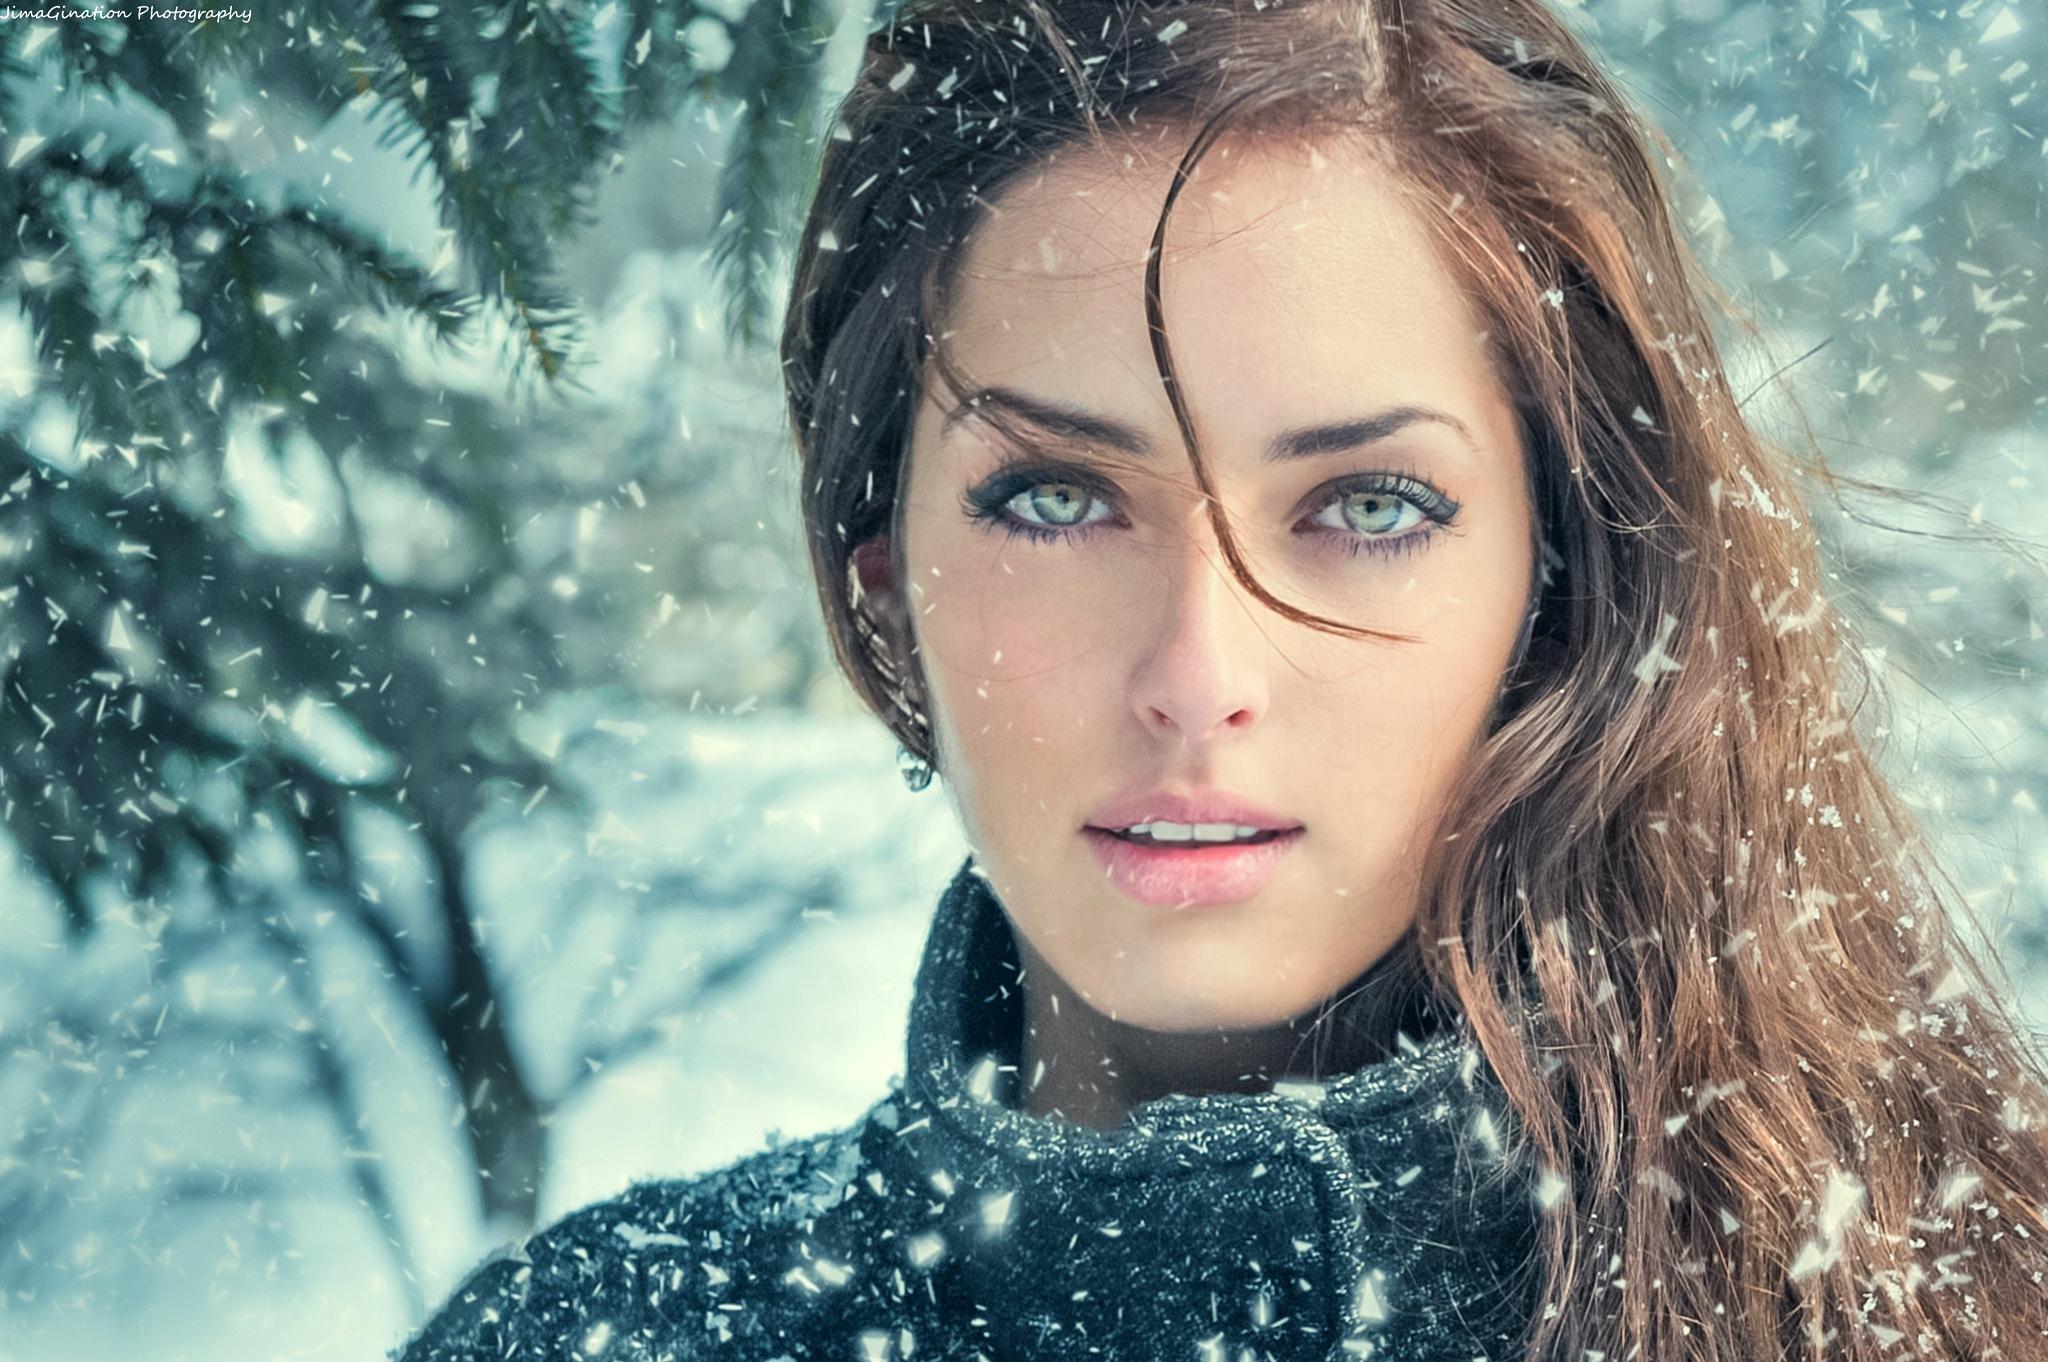 Турист ft ругару на губах снегом